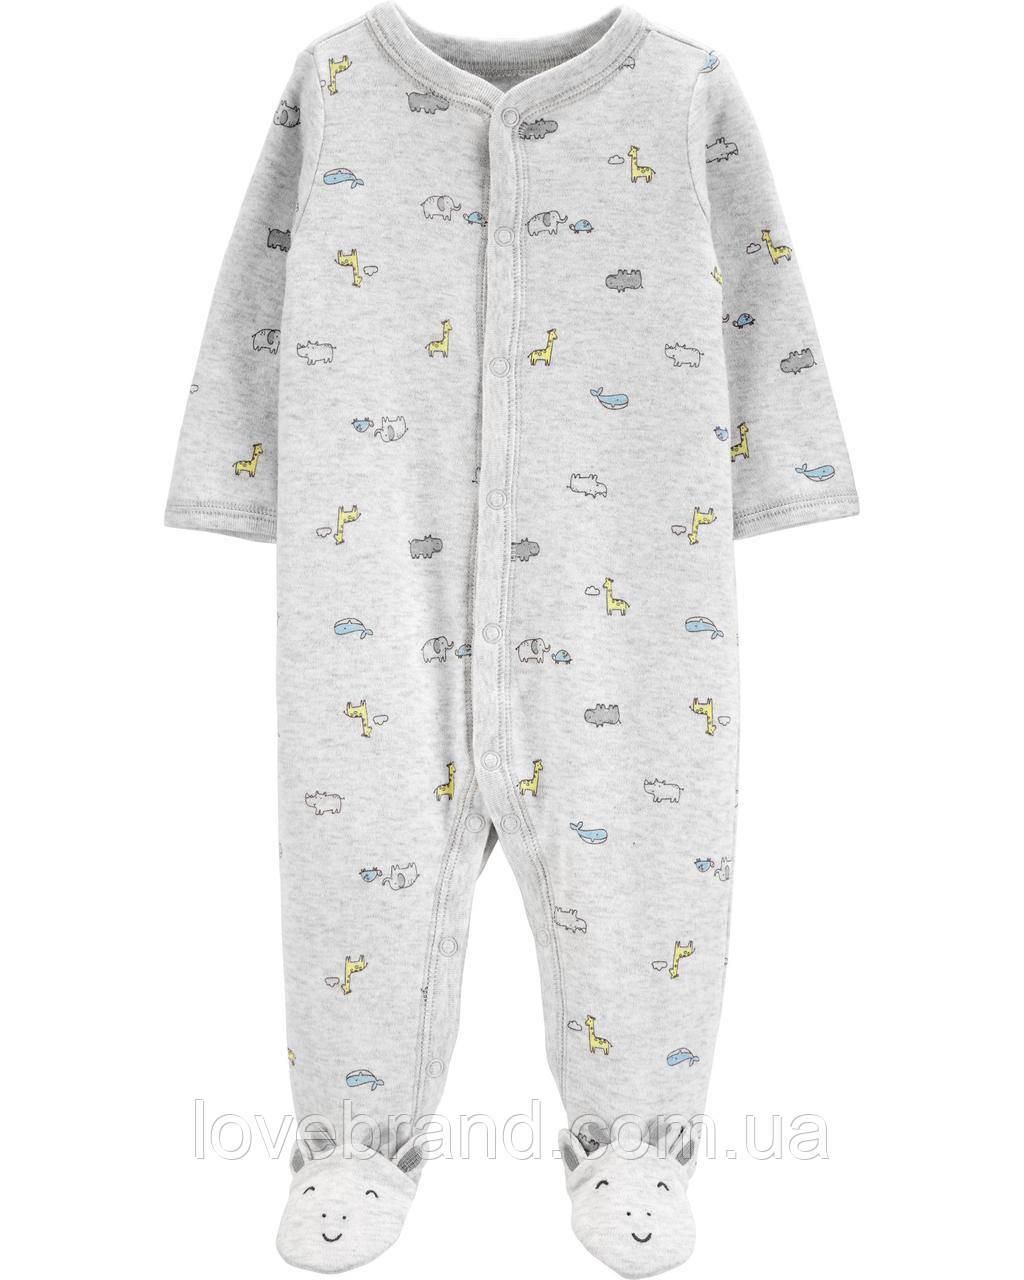 """Хлопковый человечек Carter's для мальчика """"Жирафик"""" для новорожденных с ножками унисекс 3 мес/55-61 см"""